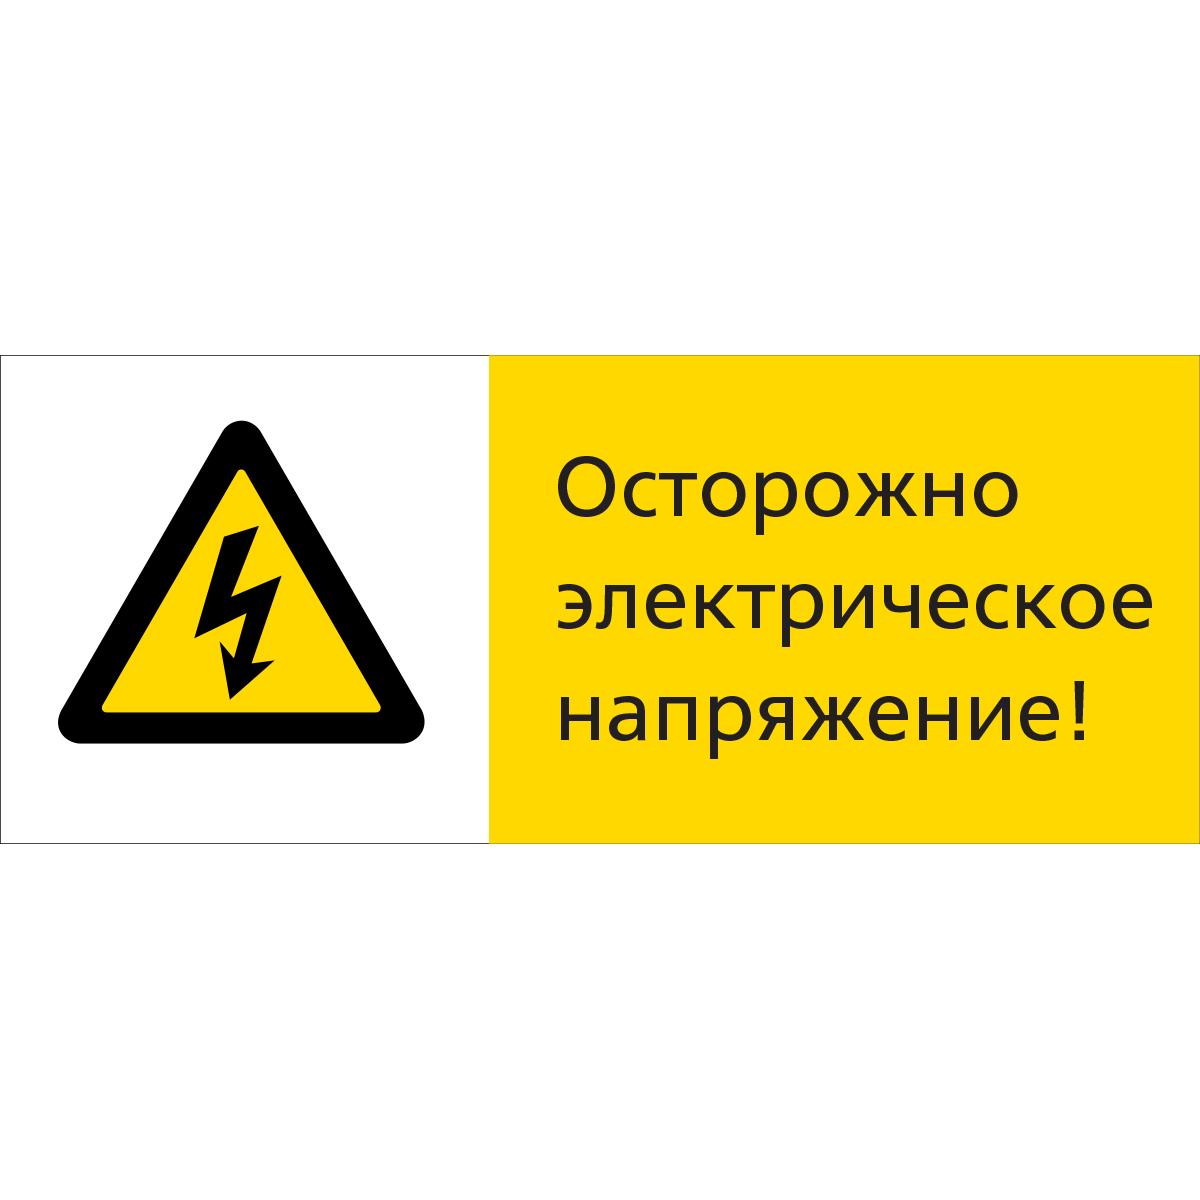 Печать наклеек для электрощита в Москве | фото 1